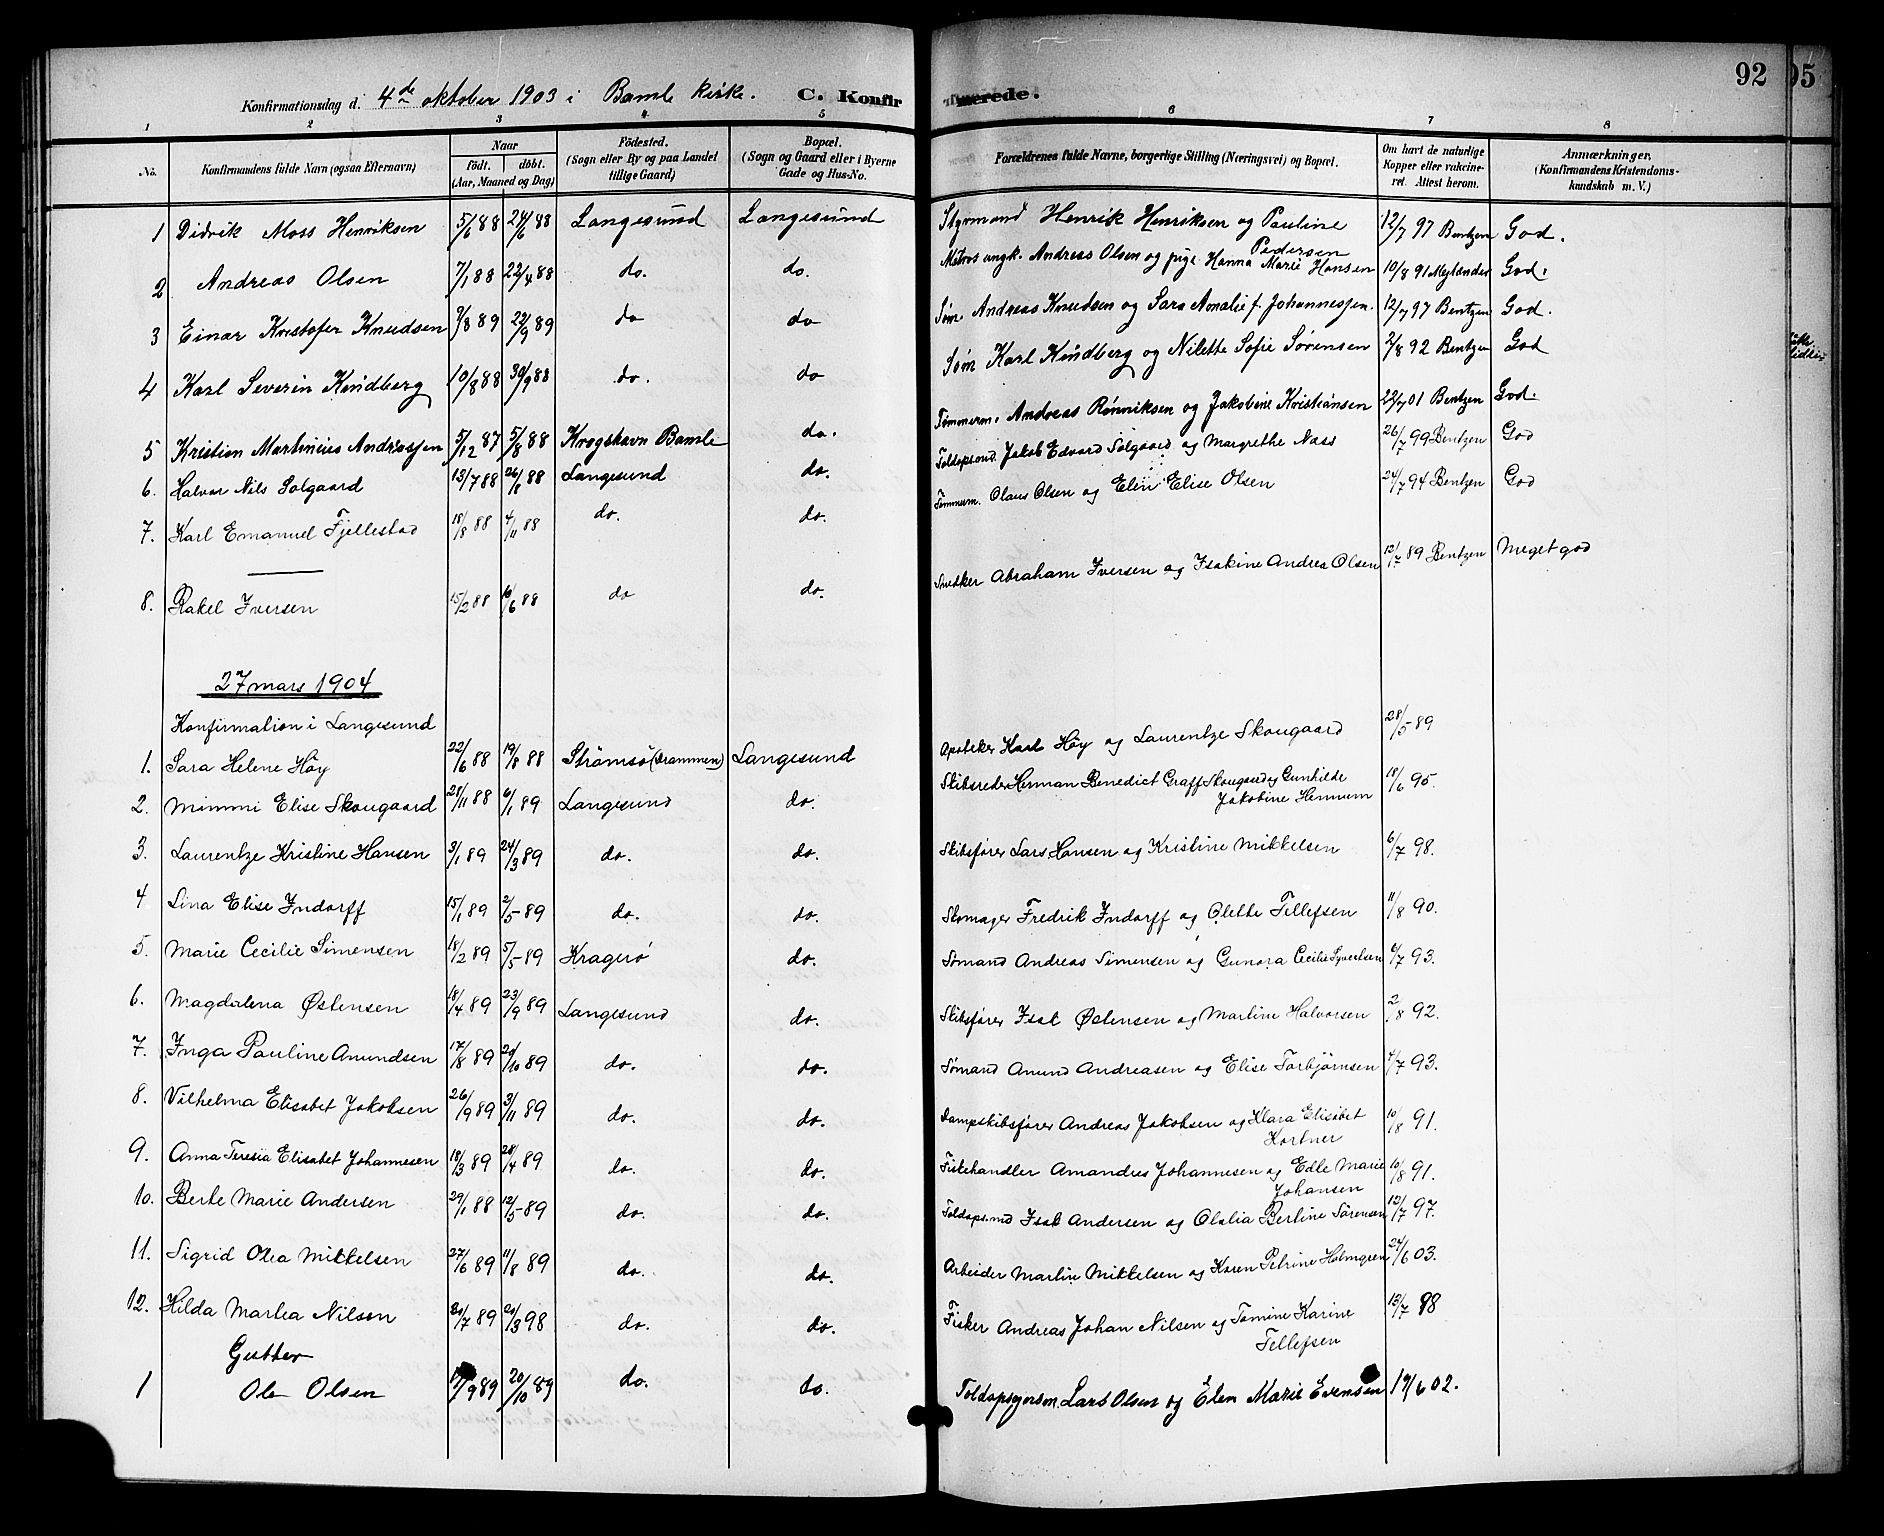 SAKO, Langesund kirkebøker, G/Ga/L0006: Klokkerbok nr. 6, 1899-1918, s. 92